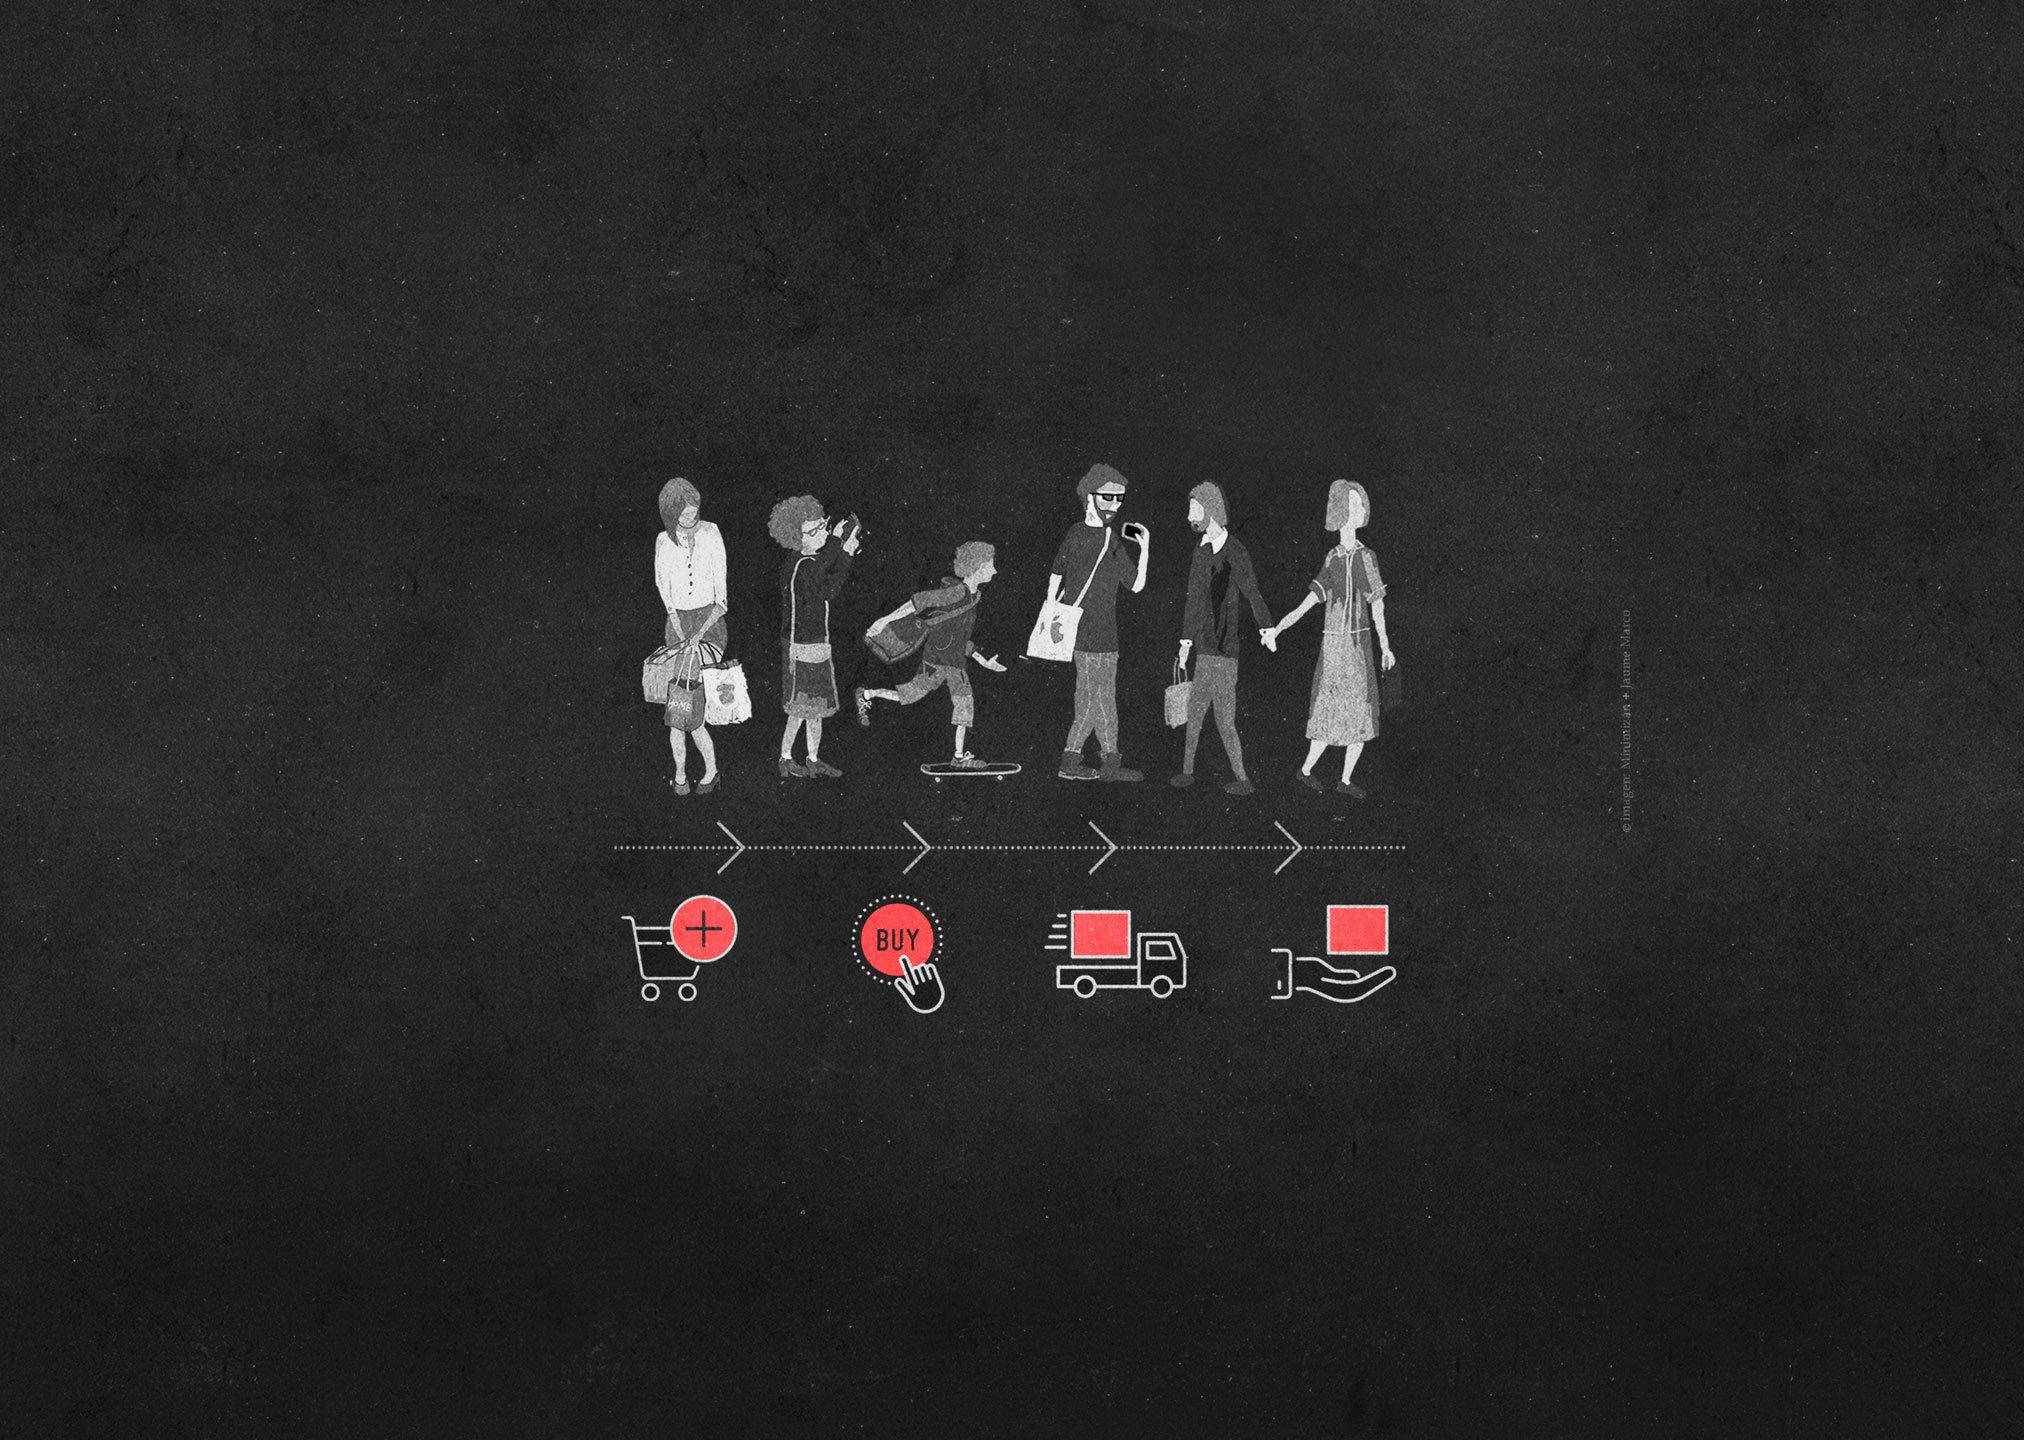 imagen de personas comprando representando servico diseños de tiendas online